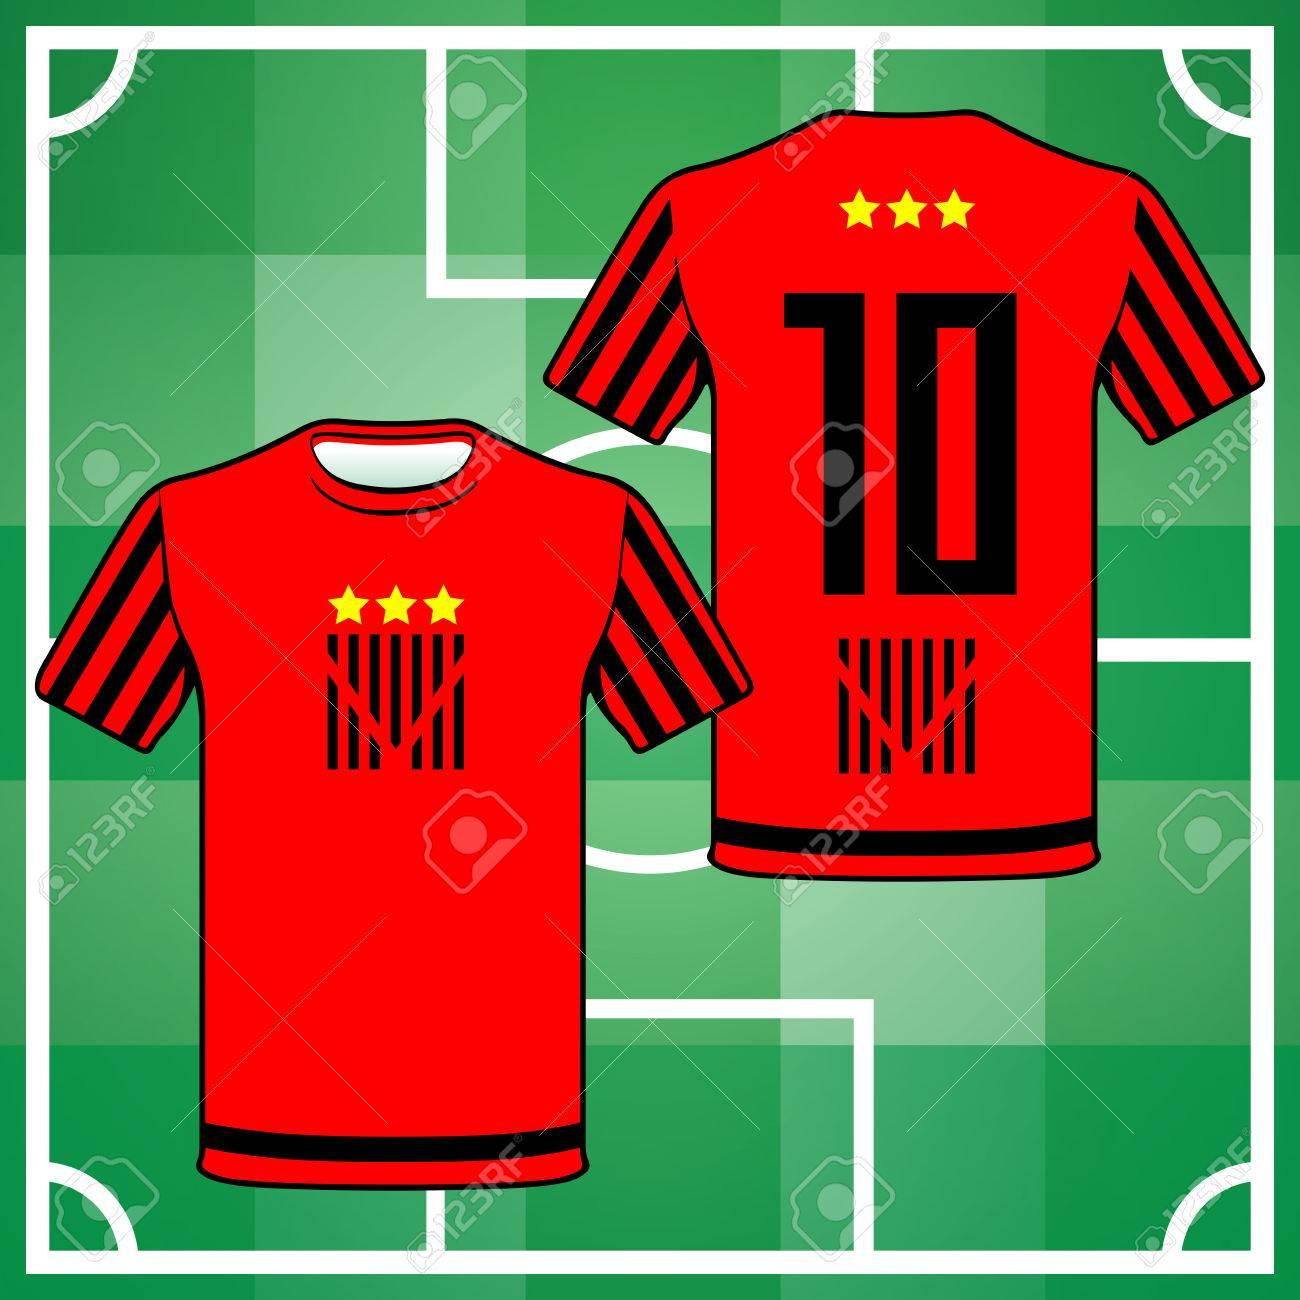 Foto de archivo - Uniforme de Fútbol Fútbol Béisbol Voleibol deporte.  Diseño elegante para los jugadores camisetas. Negro y rojo número de la  camiseta diez d5ec116c1d402